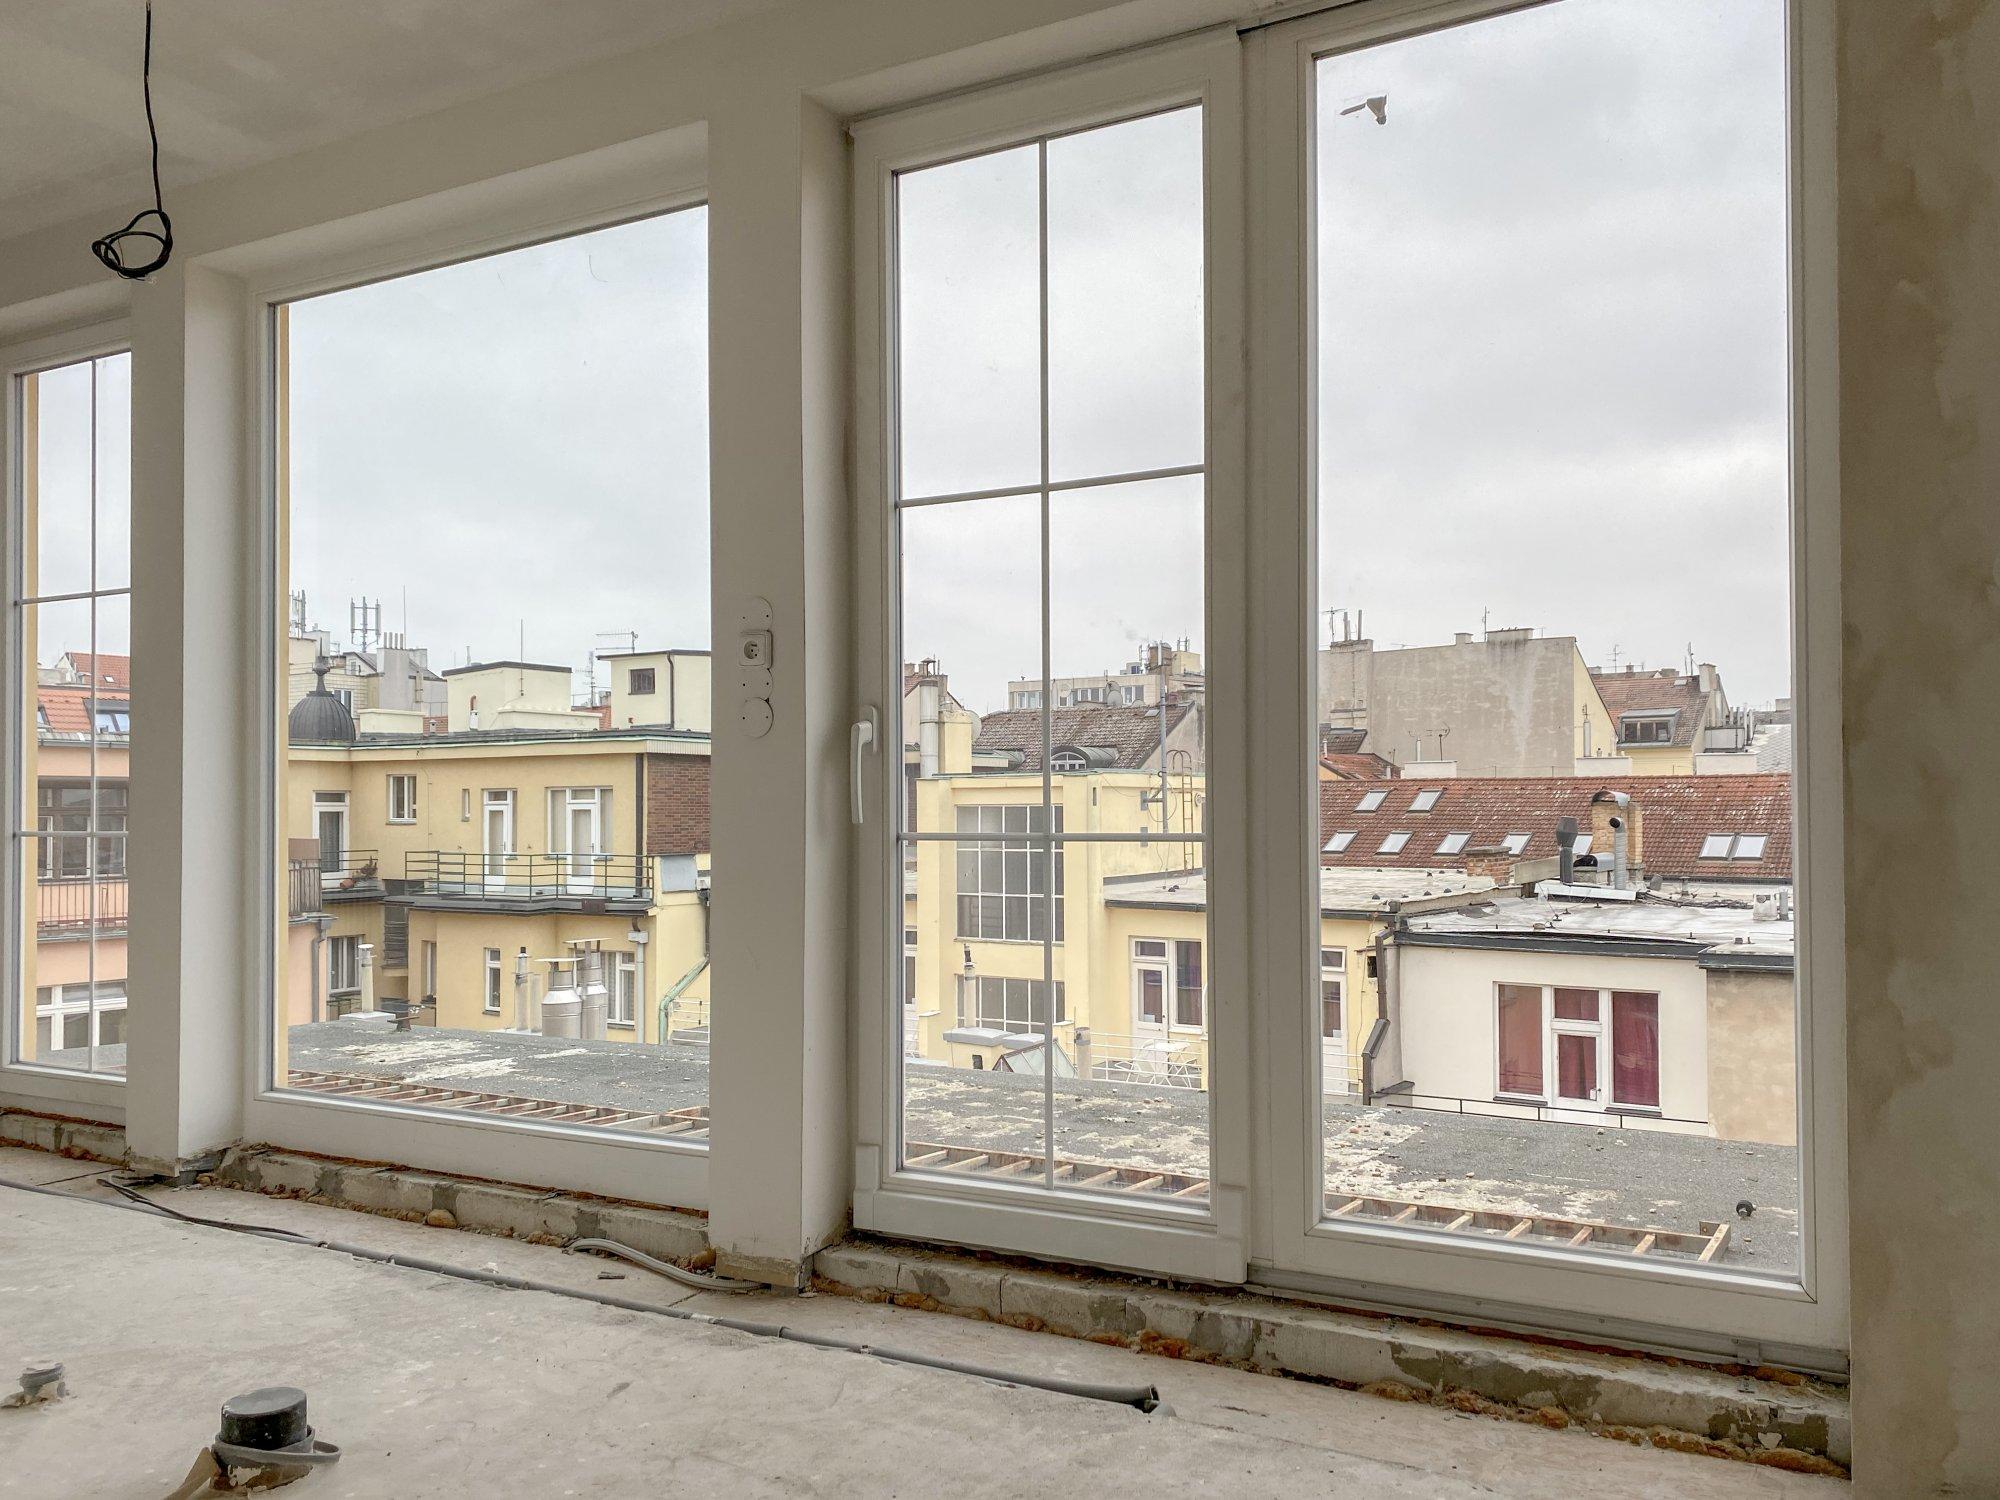 Půdní byt 5+kk, plocha 198 m², ulice Navrátilova, Praha 1 - Nové Město | 1